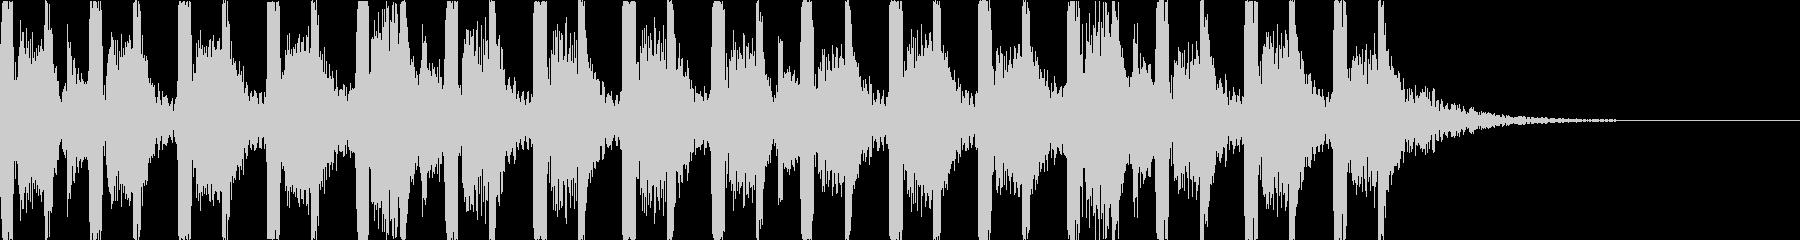 キャッチーでダークなEDM2の未再生の波形